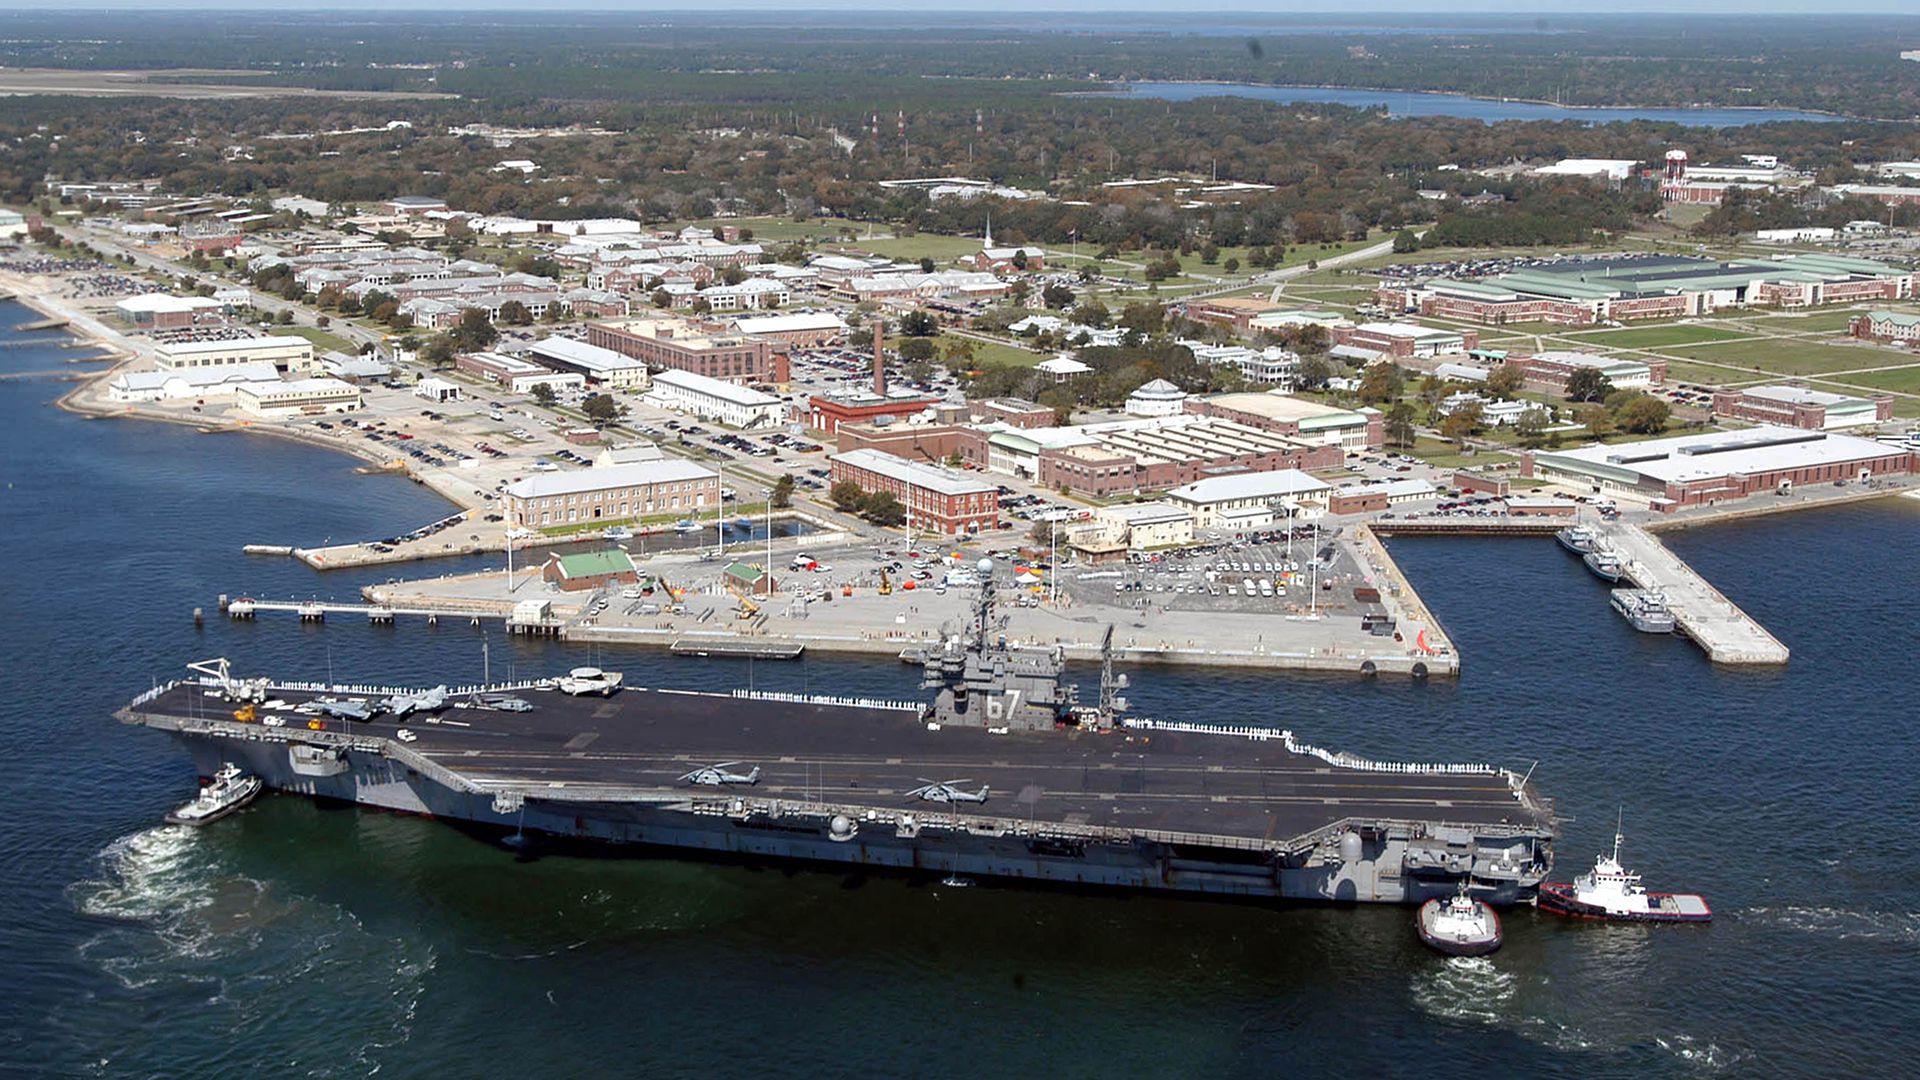 El tiroteo en una base naval en el noroeste de Florida el pasado 6 de diciembre dejó un saldo de tres muertos y varios heridos. El atacante, un soldado saudita, fue abatido por la Policía (AFP)